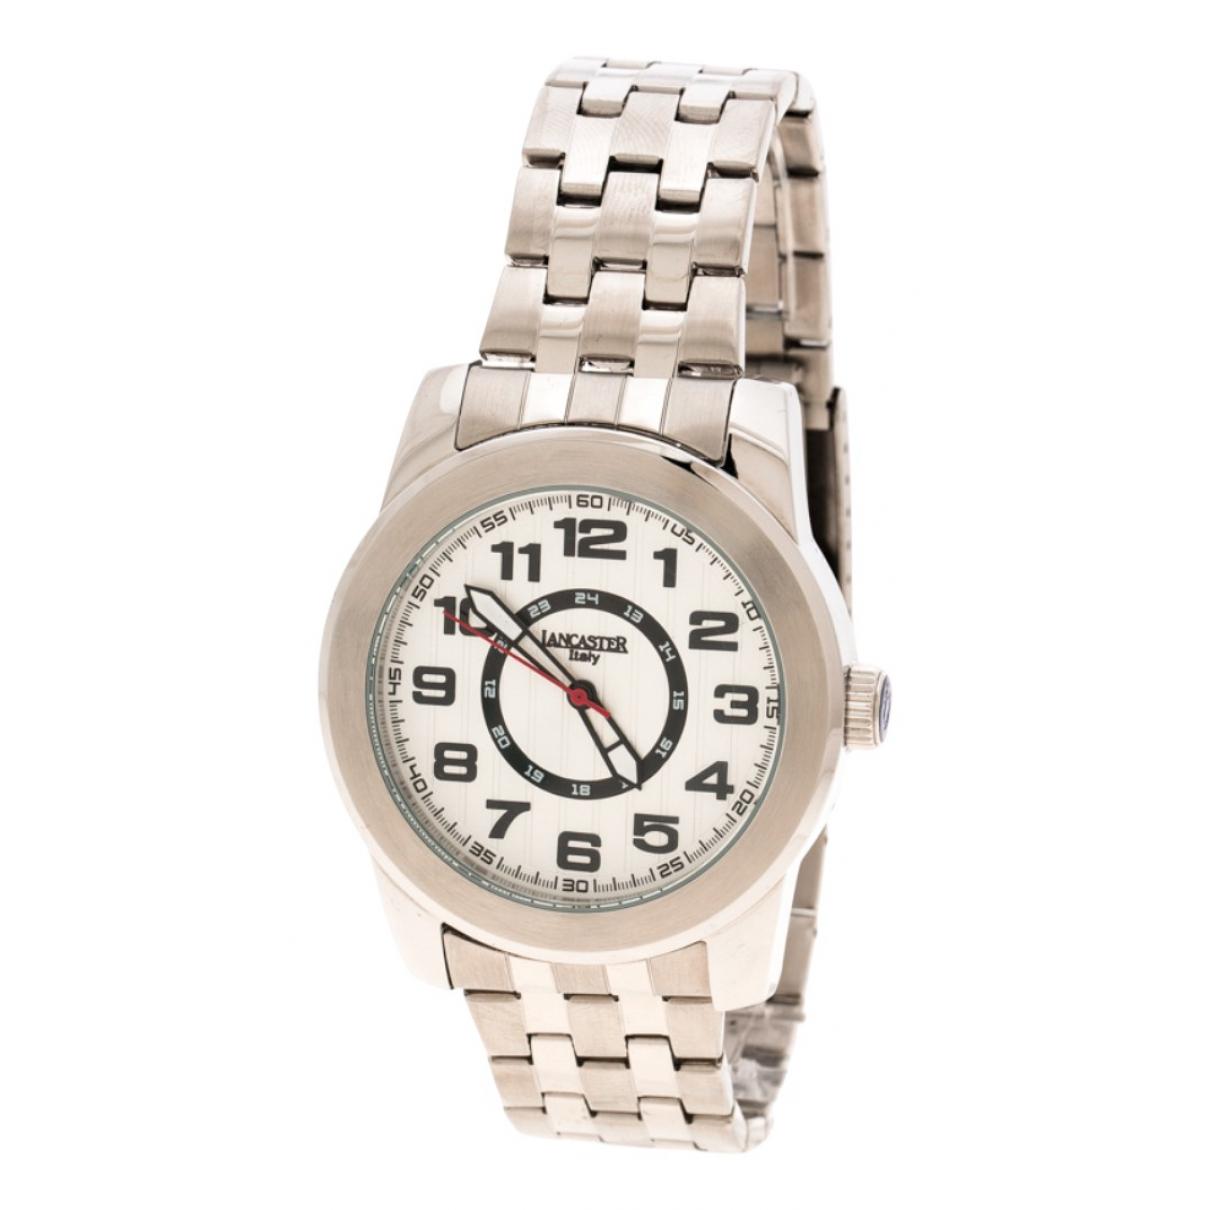 Relojes Lancaster